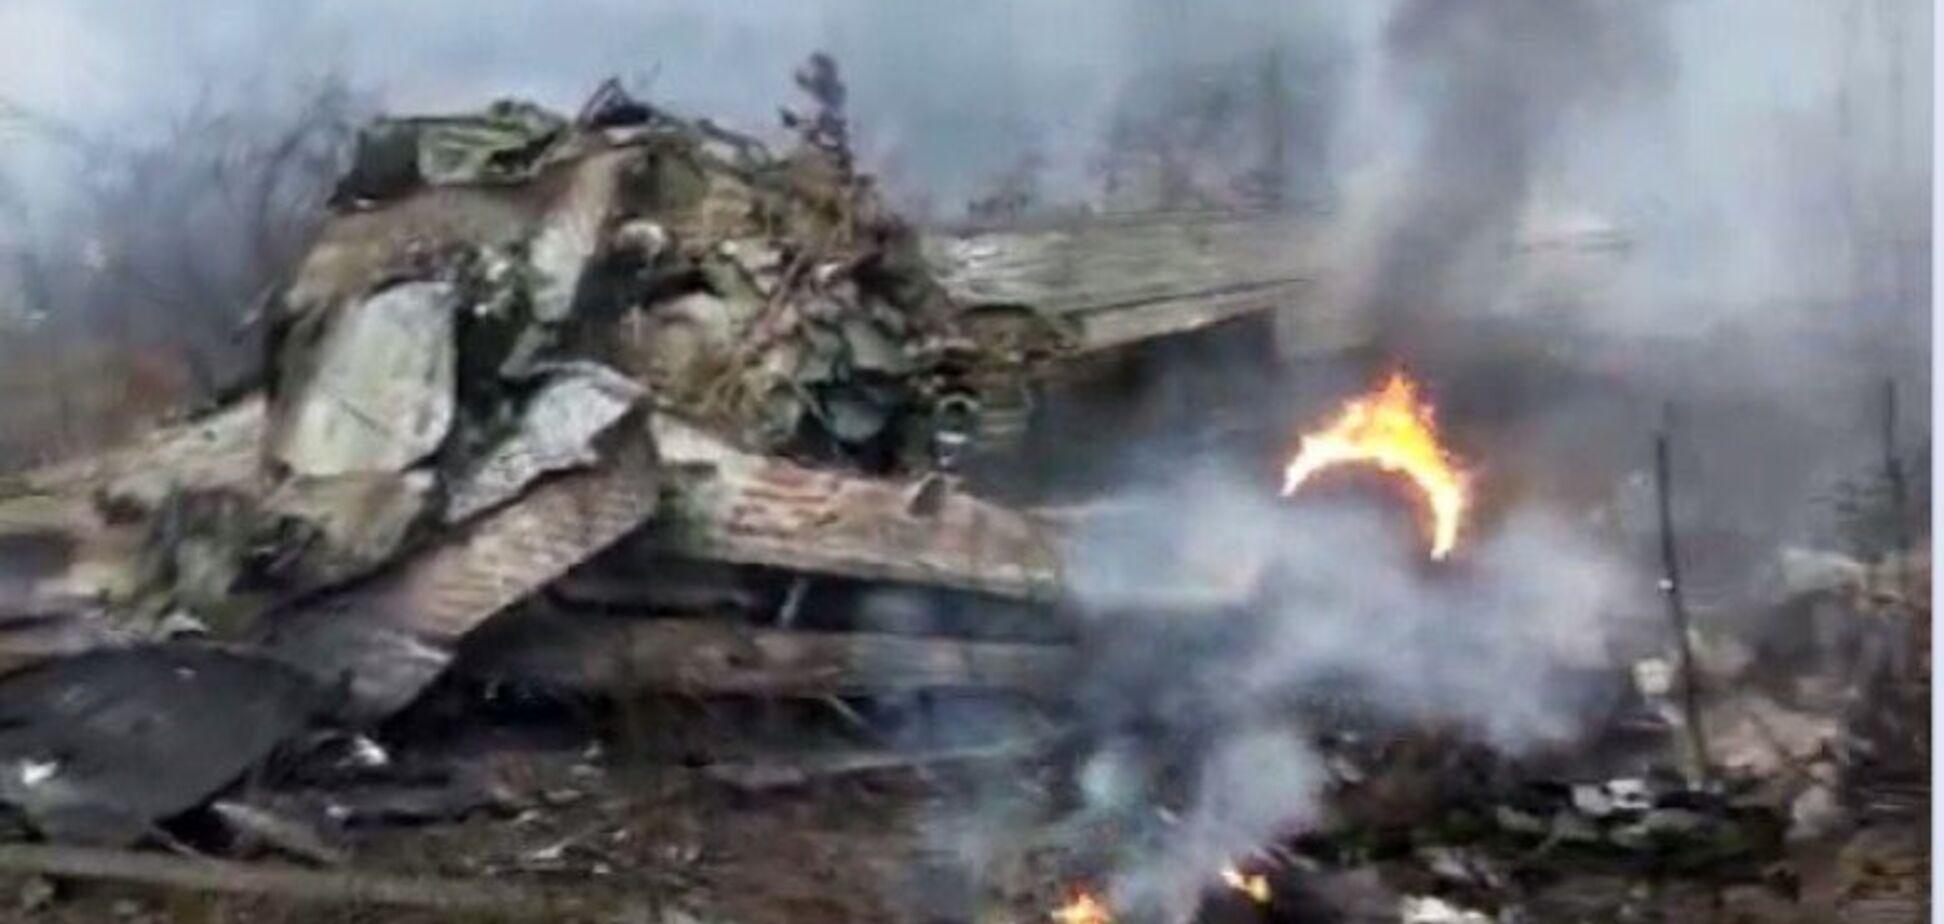 В Китае разбился самолет: судьба экипажа неизвестна